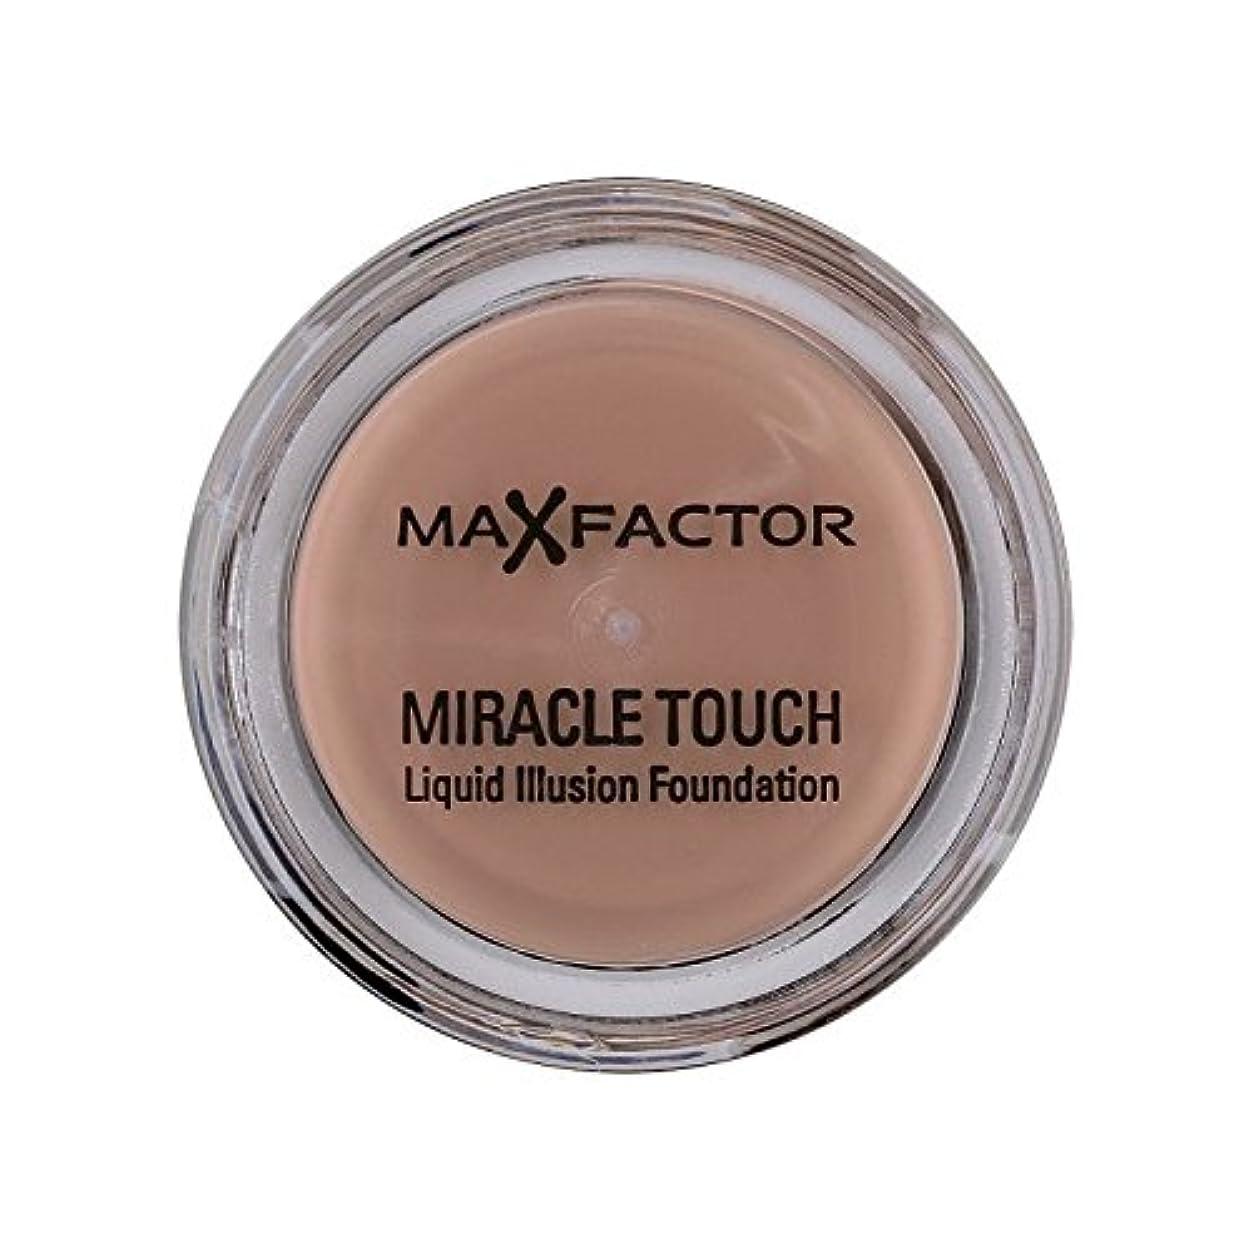 アイドル謙虚作成するMax Factor Miracle Touch Foundation Natural 70 - マックスファクターの奇跡のタッチ基盤の自然70 [並行輸入品]